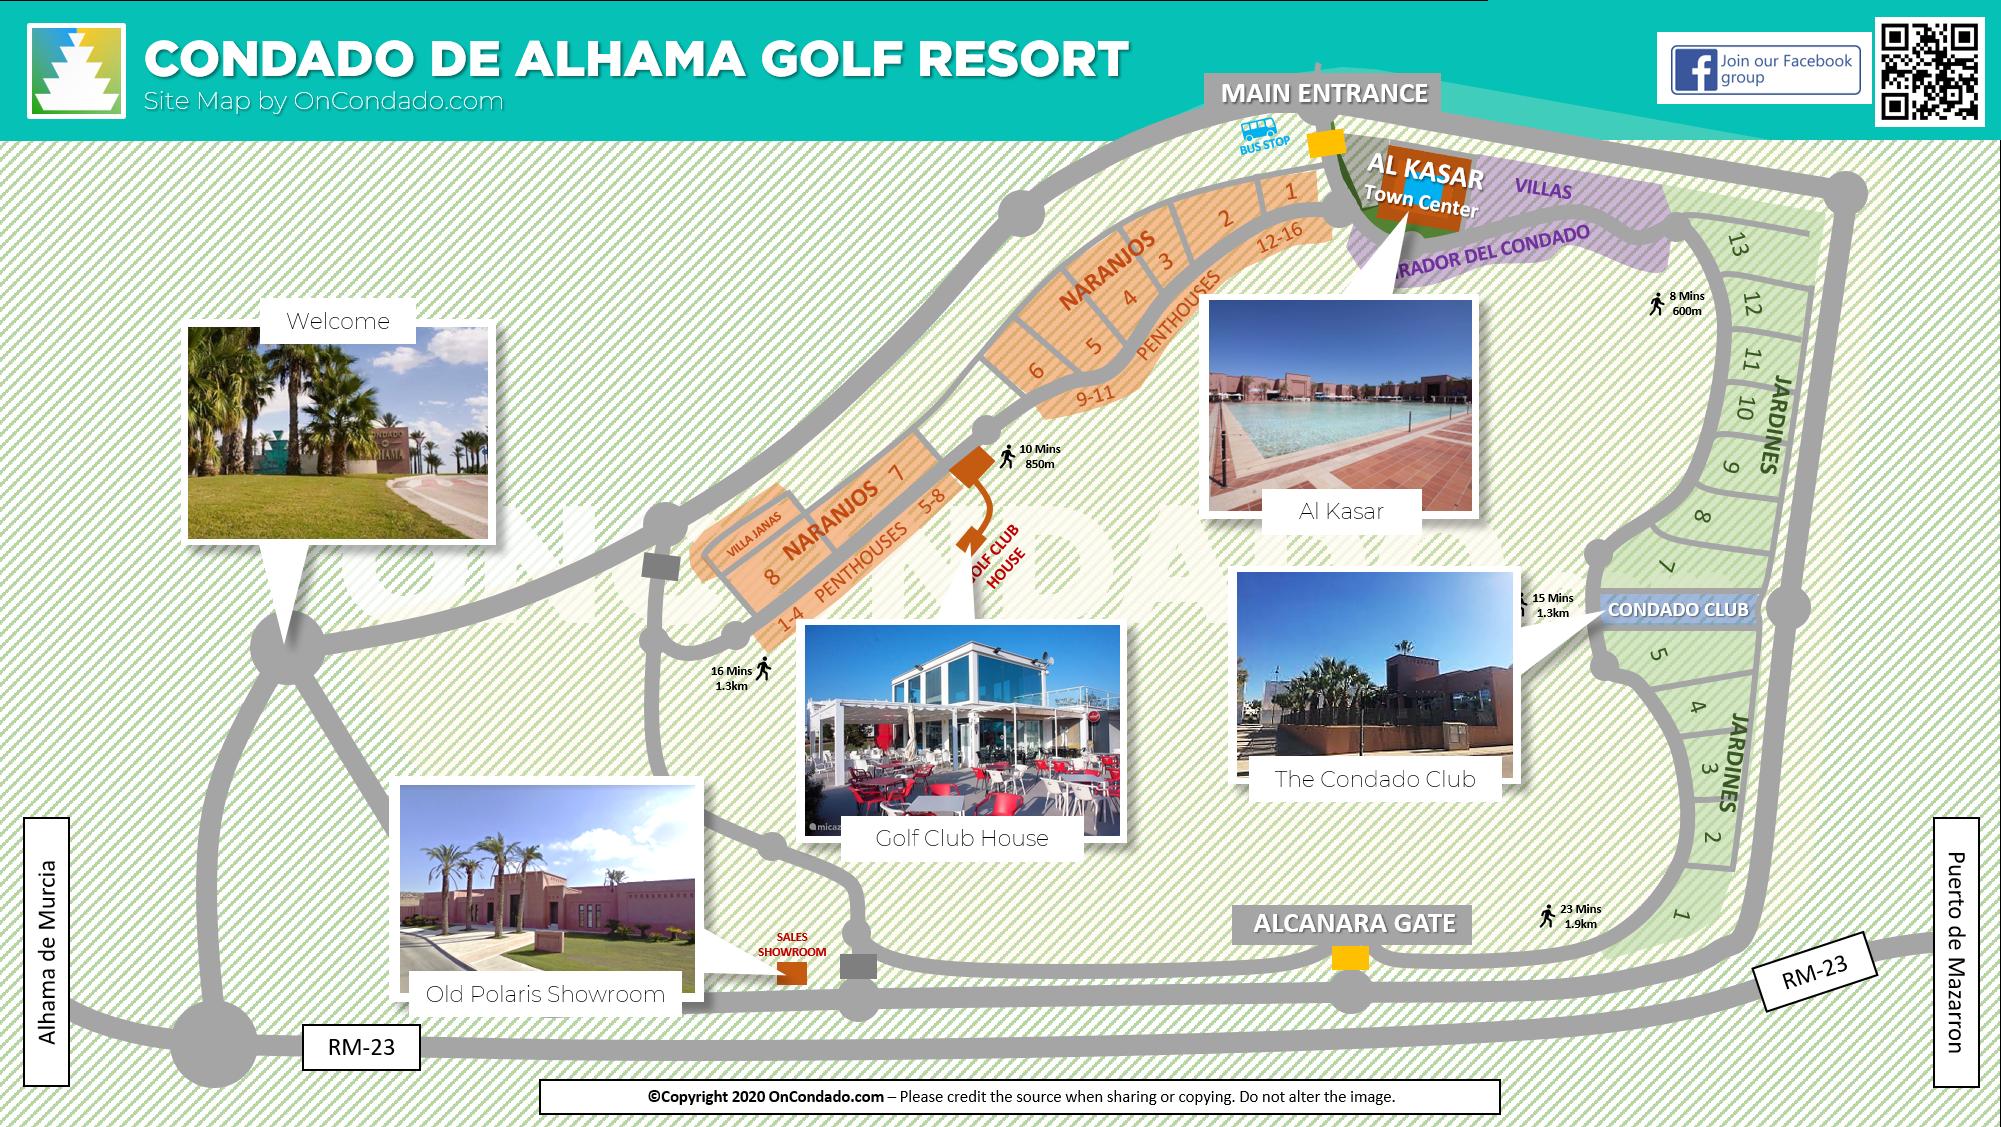 Resort Map for Condado de Alhama